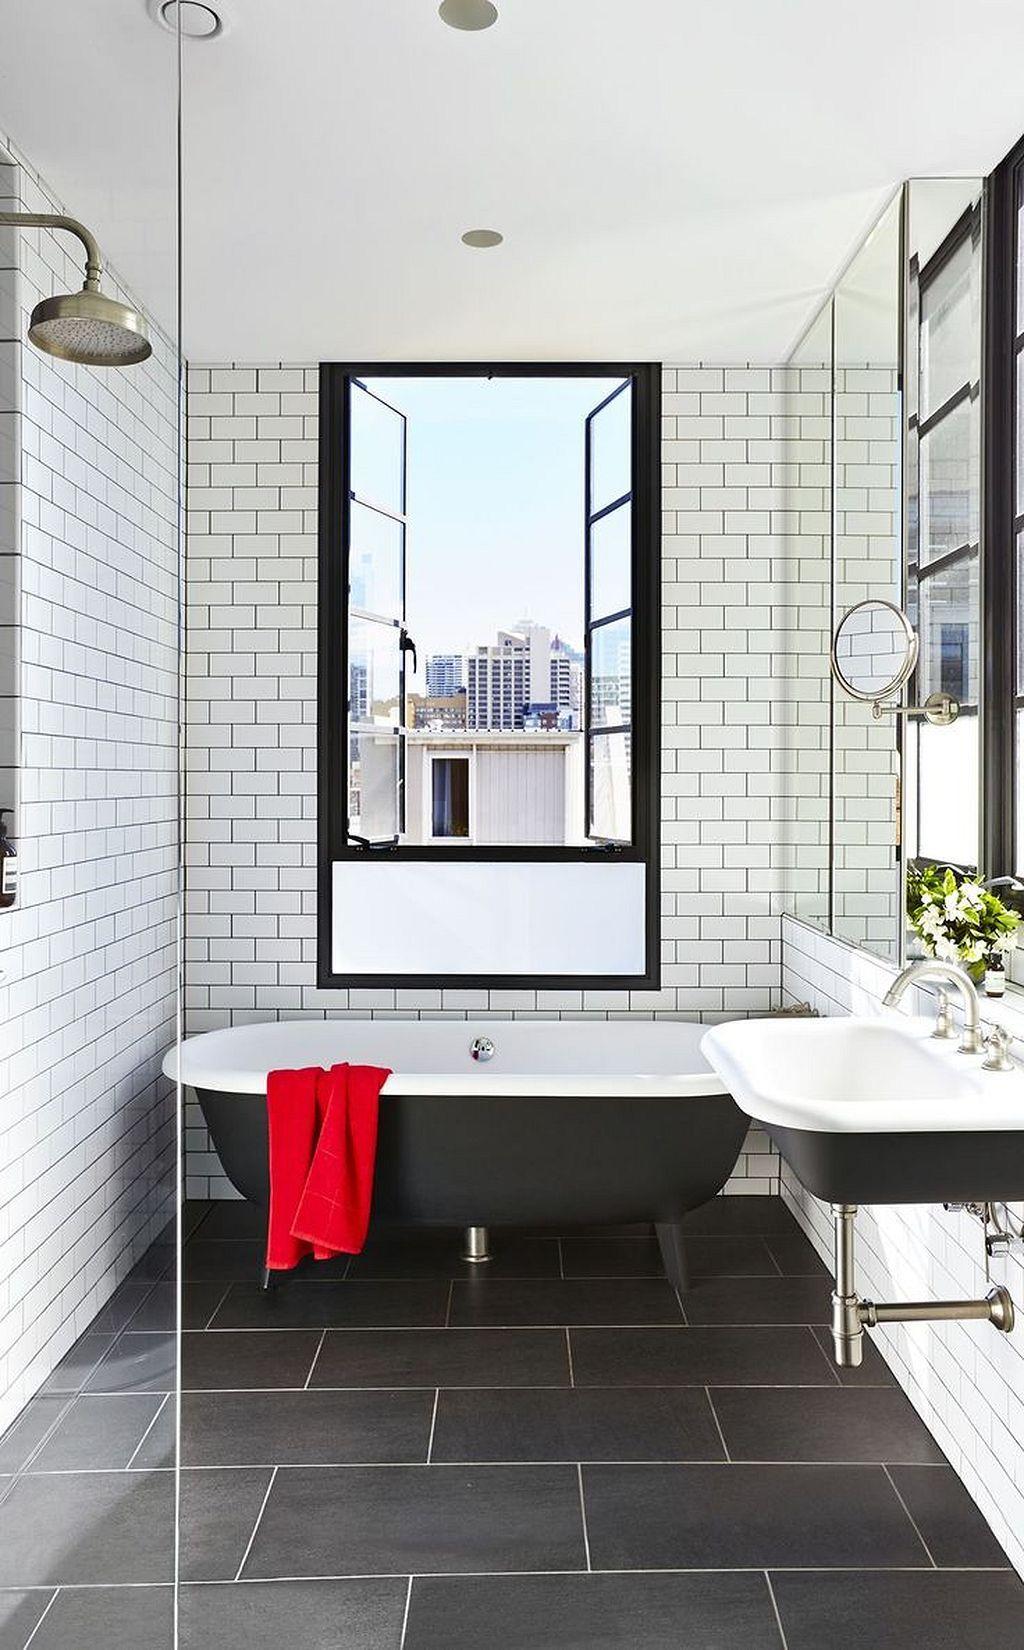 50+ Classy Subway Tile Backsplash for Kitchen or Bathroom ...